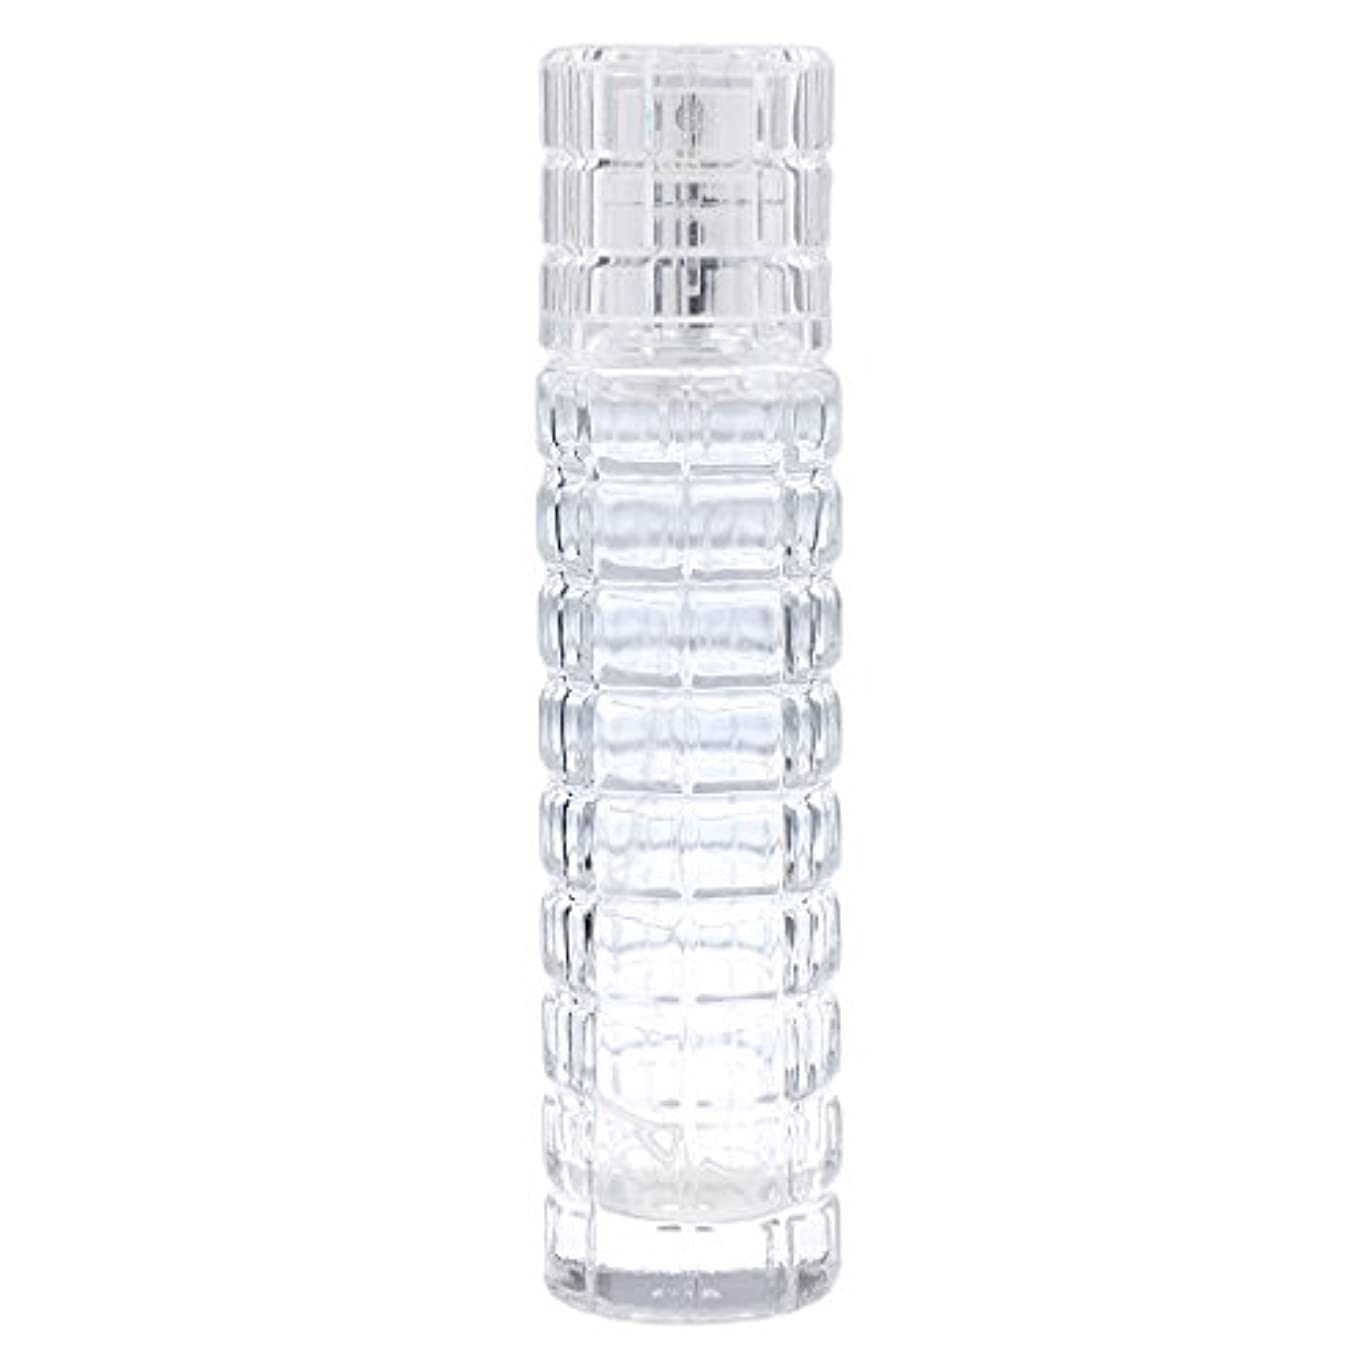 連合証明する打たれたトラックsharprepublic 香水瓶 ポンプ式 香水ボトル スプレー スプレーボトル アフターシェーブ エッセンシャルオイル クリア